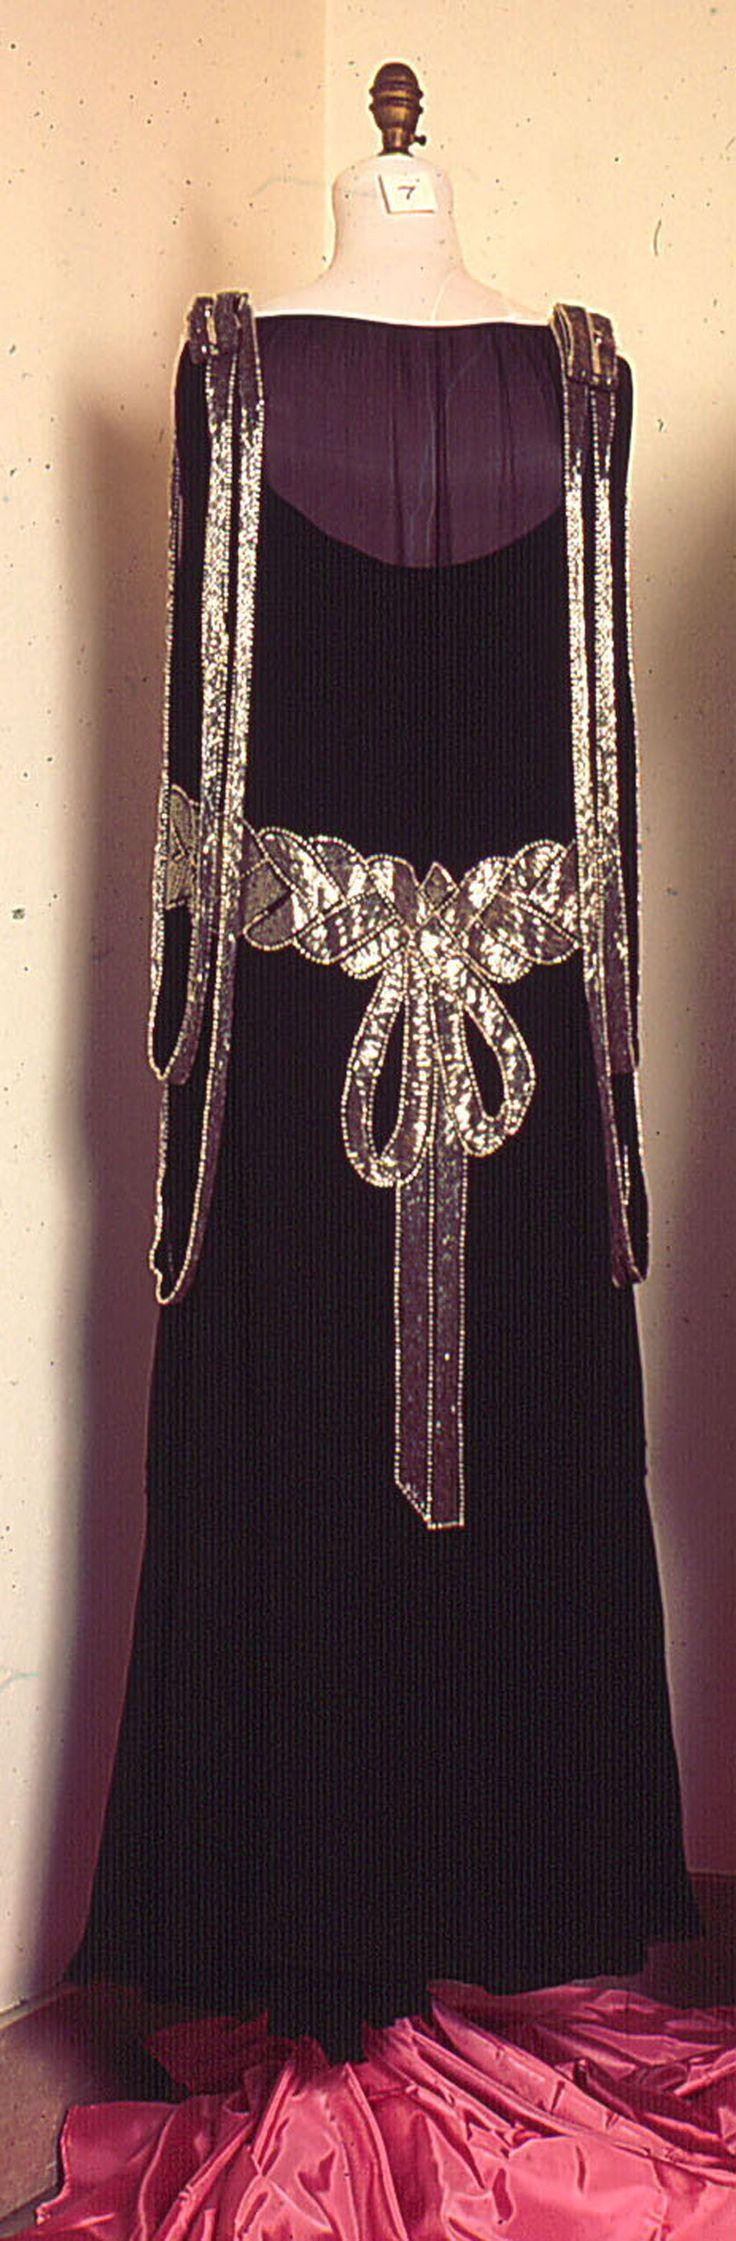 Beaded Bow Dress 1920s